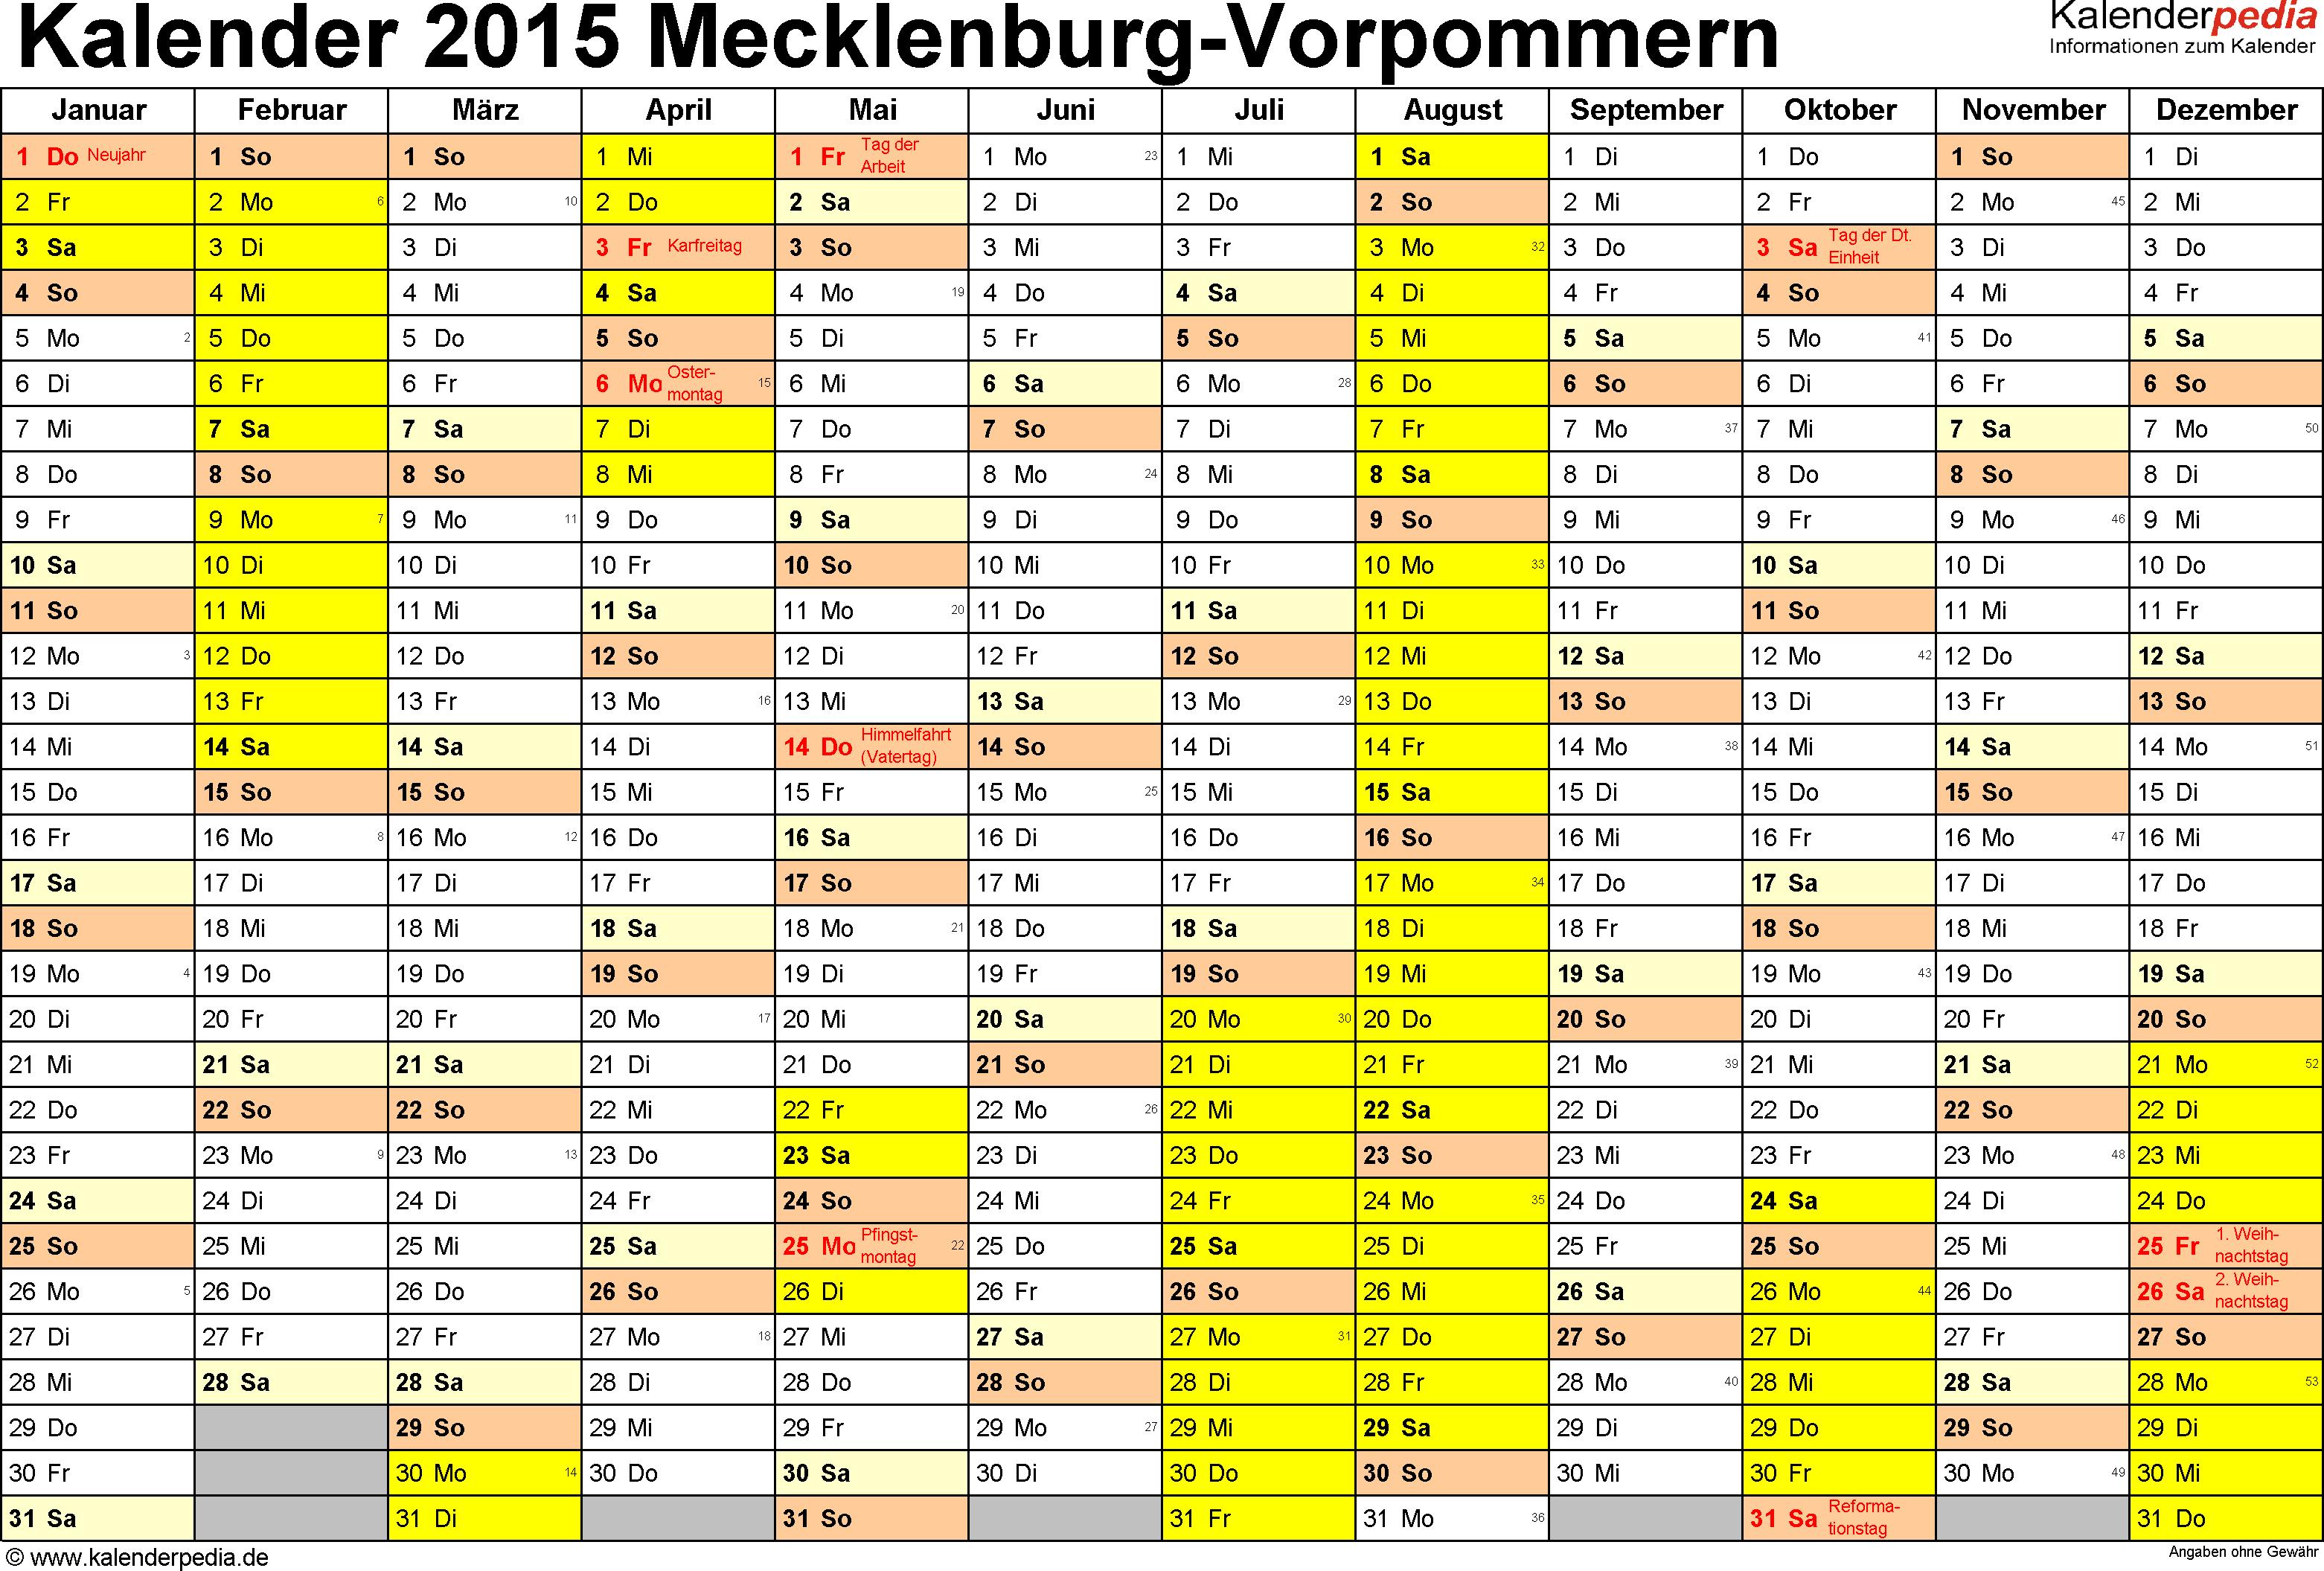 Vorlage 1: Kalender 2015 für Mecklenburg-Vorpommern als Excel-Vorlage (Querformat, 1 Seite)